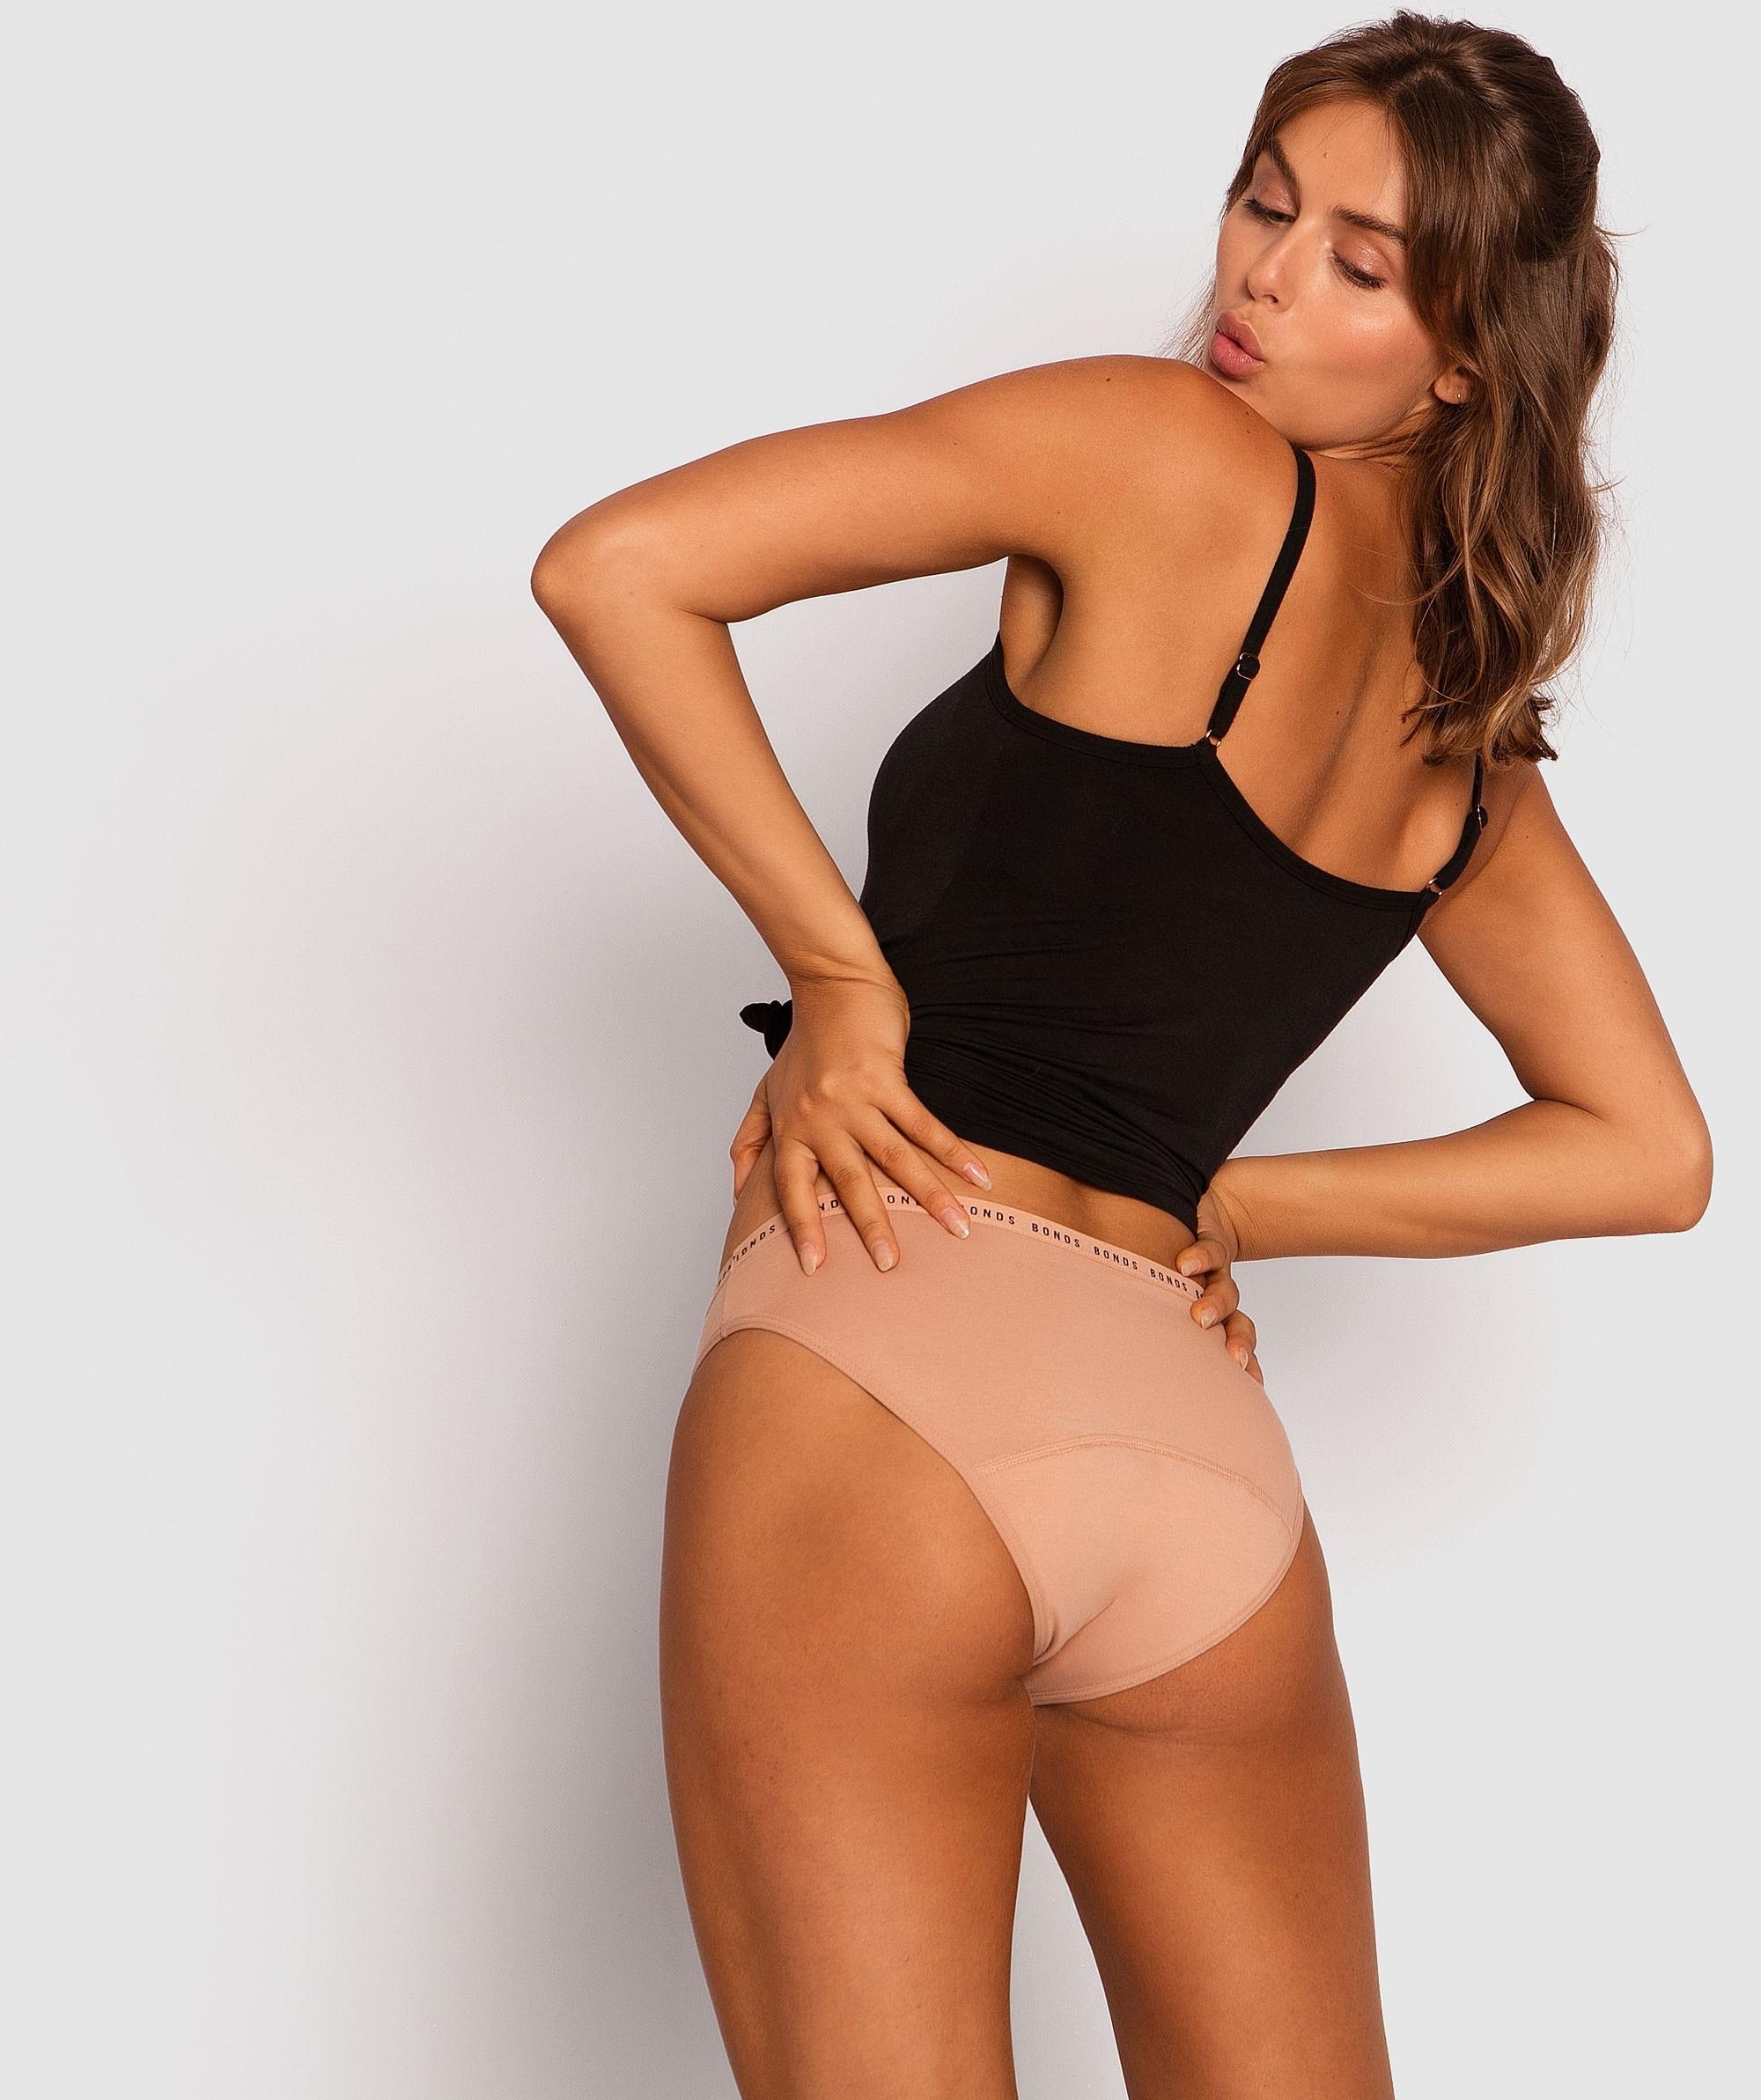 Bonds Bloody Comfy Period Undies Bikini Moderate - Blush Pink